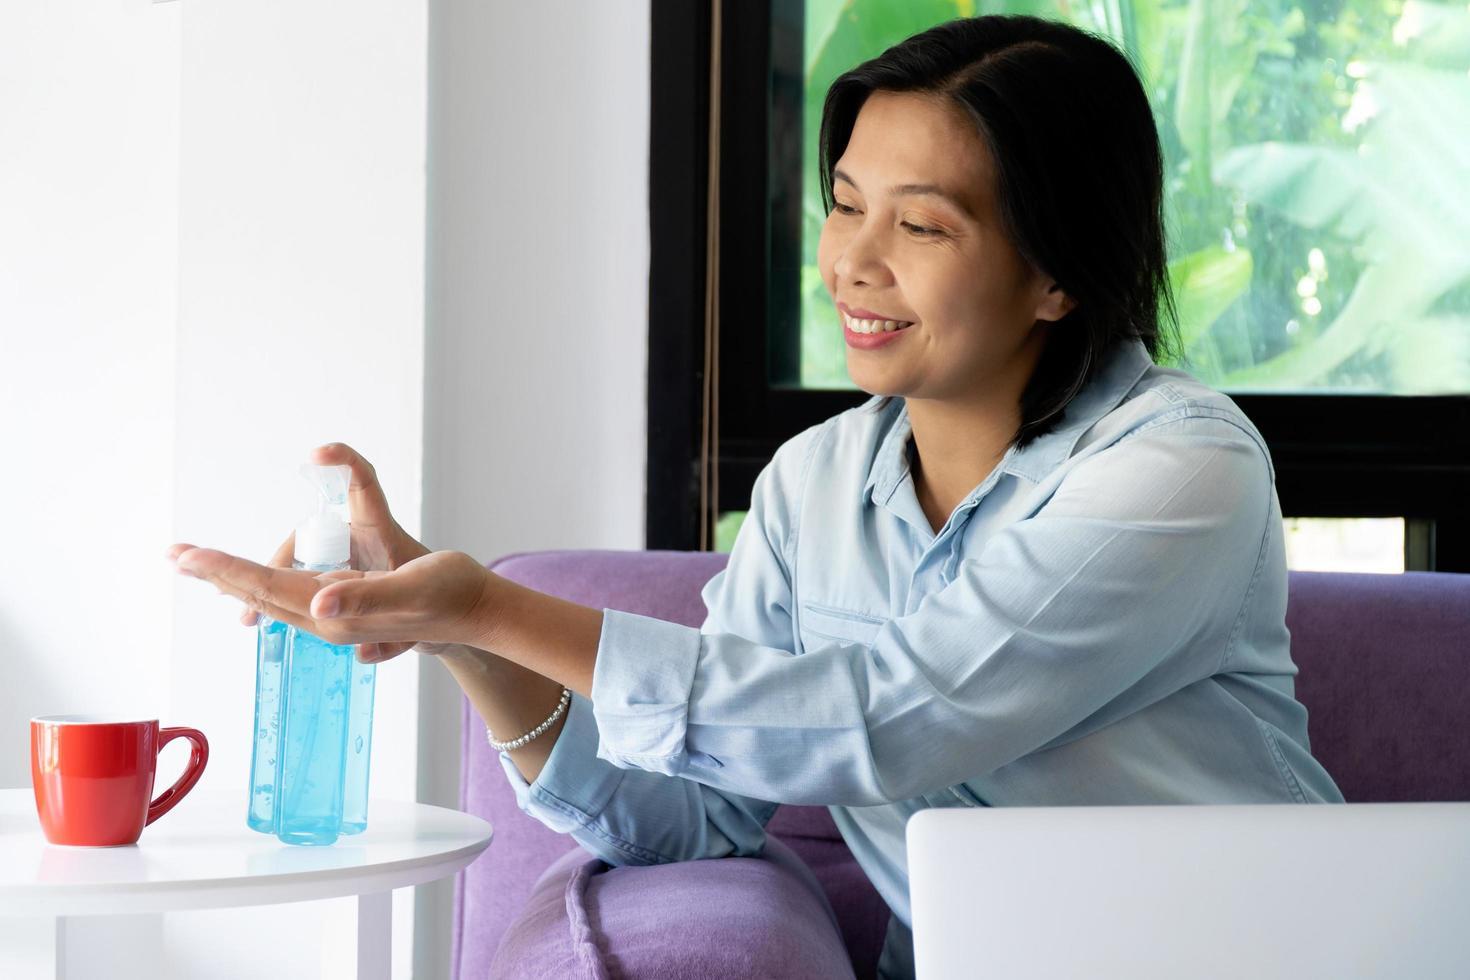 vrouw met handdesinfecterend middel foto